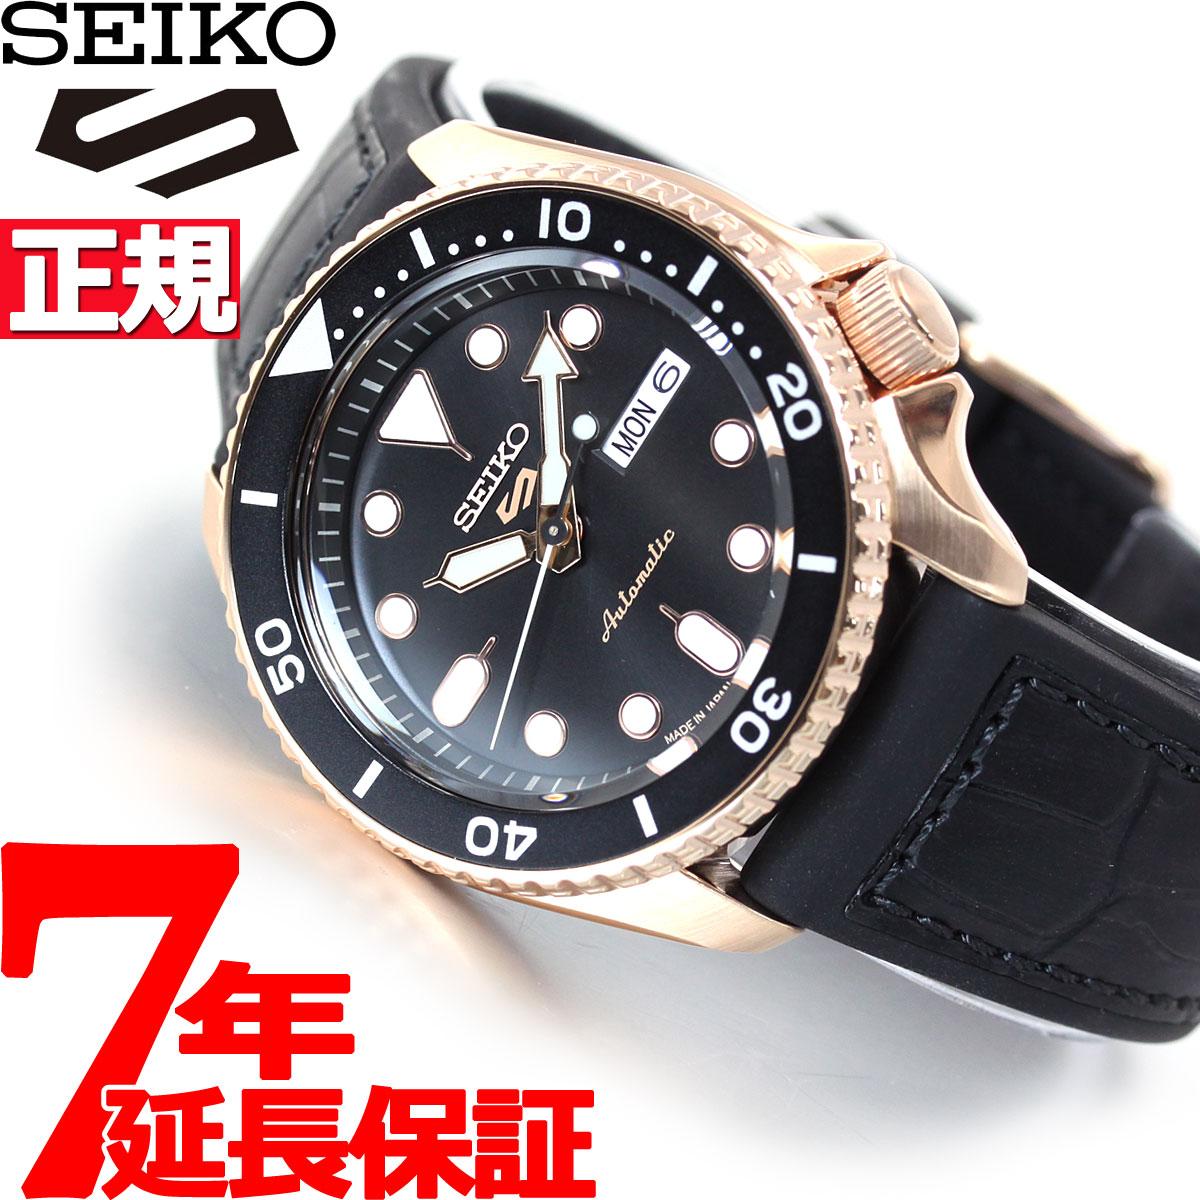 セイコー5 スポーツ SEIKO 5 SPORTS 自動巻き メカニカル 流通限定モデル 腕時計 メンズ セイコーファイブ スペシャリスト Specialist SBSA028